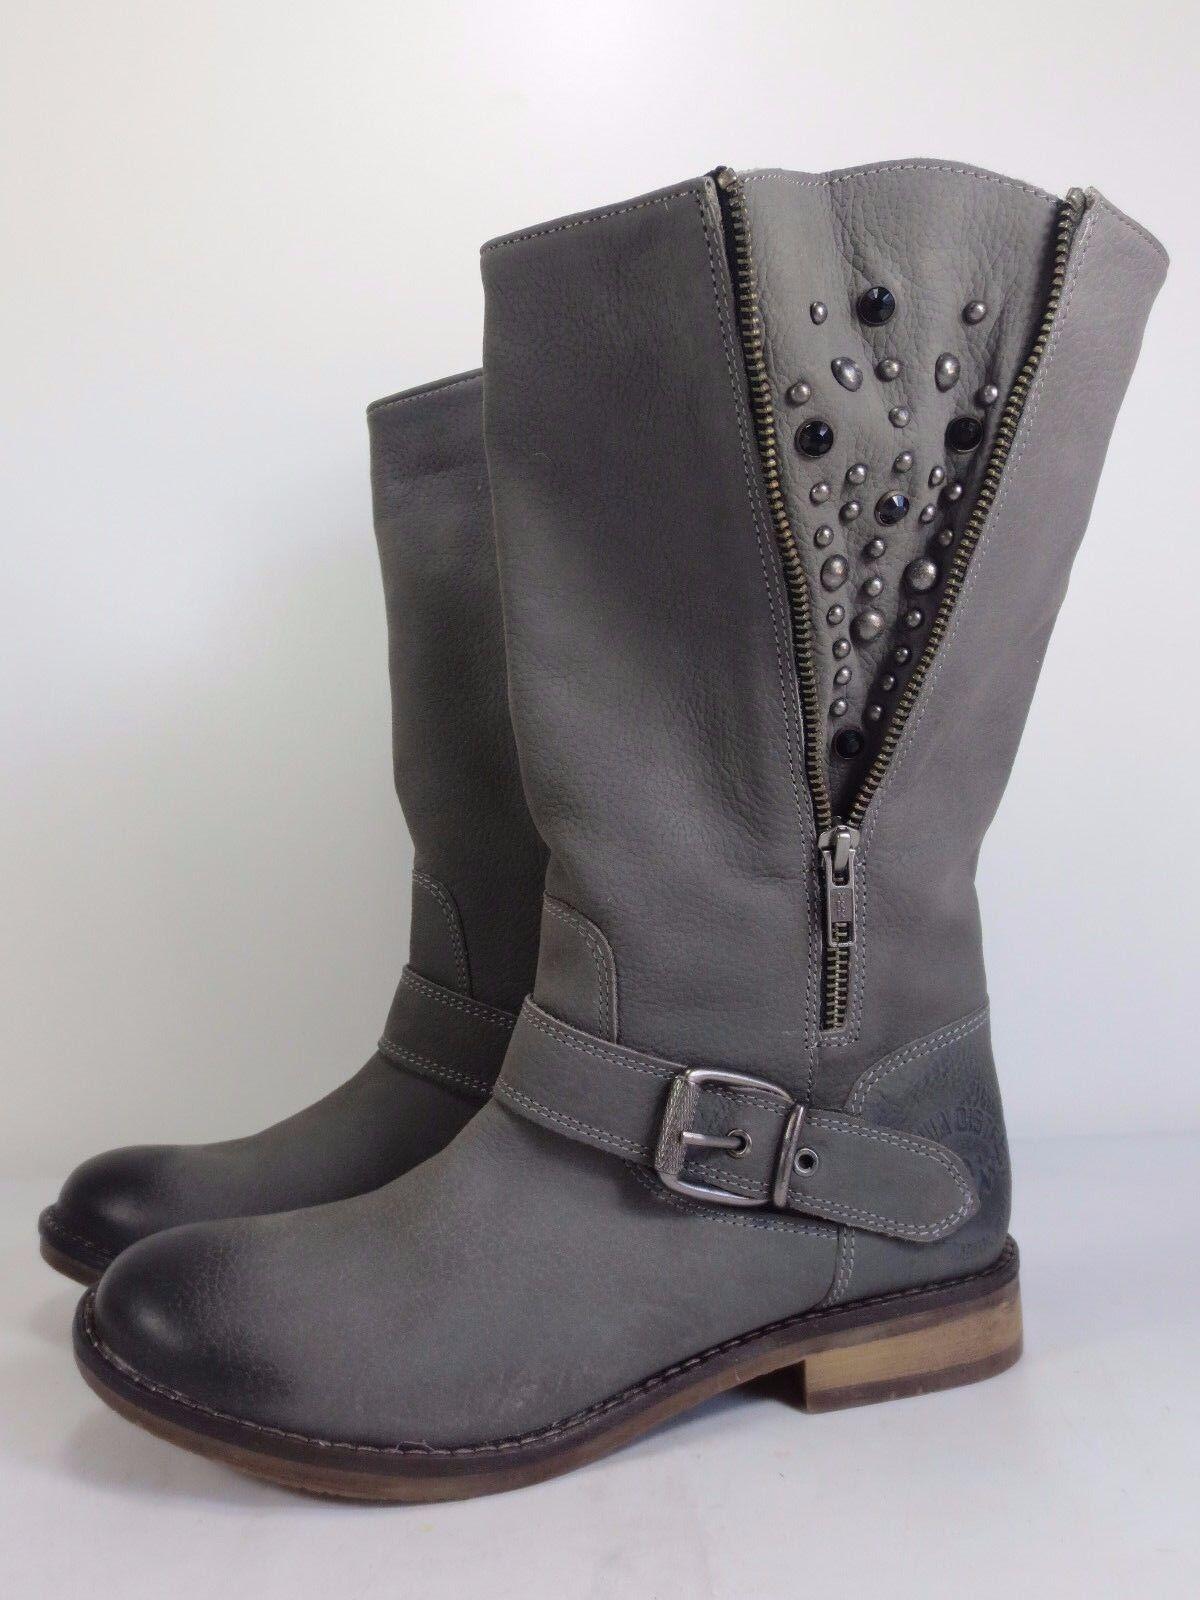 S.OLIVER lässige Stiefel Leder Schuhe Stiefeletten grau NEU 109,90 Stiefel